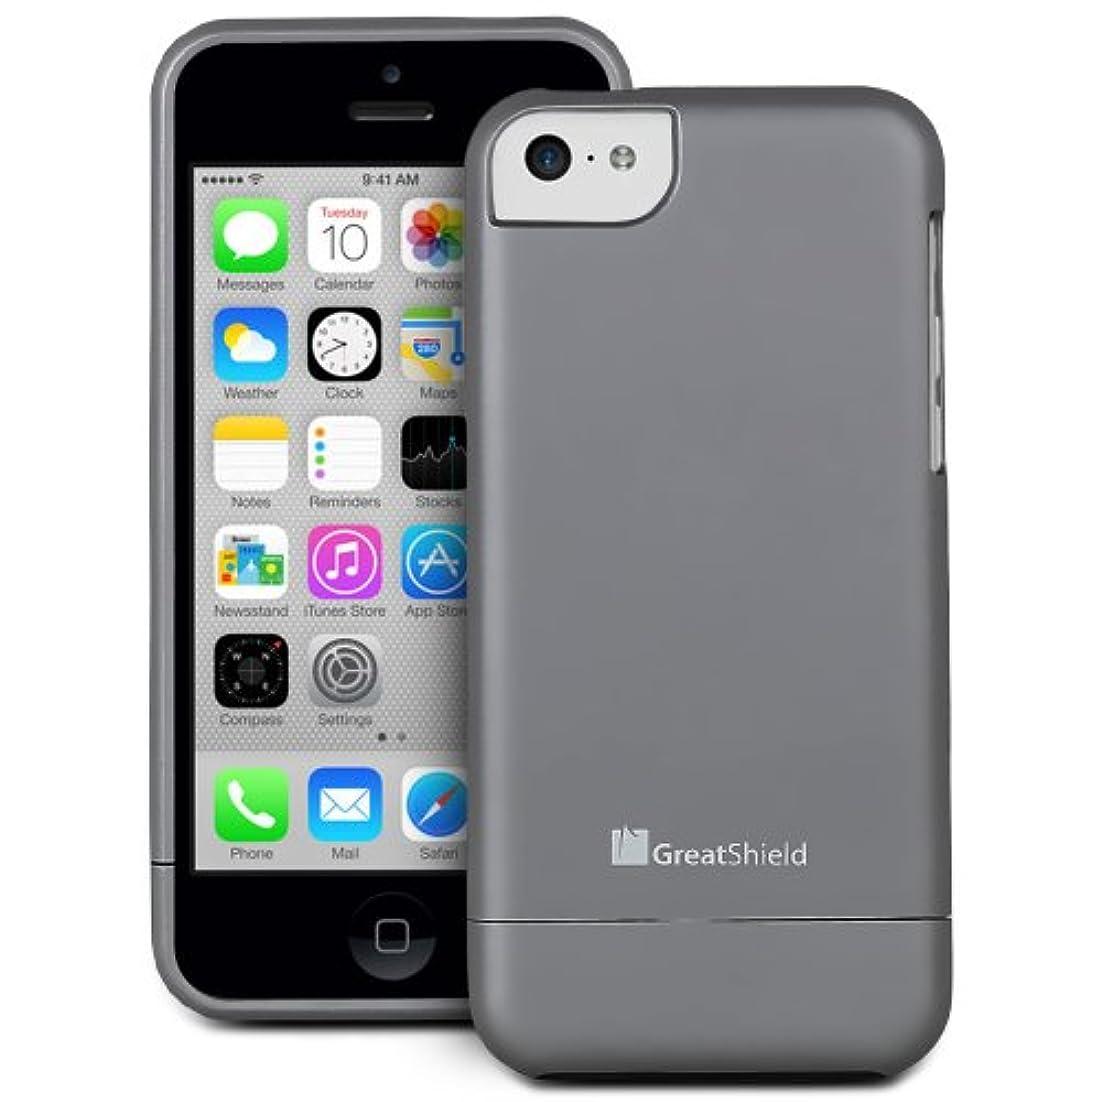 アンビエントそこから酸素GreatShield 【iPhone 5c対応スリムフィットポリカーボネートハードコーティングケース】 iSlide Dock-Friendly Slim-Fit Case グレー GS03279